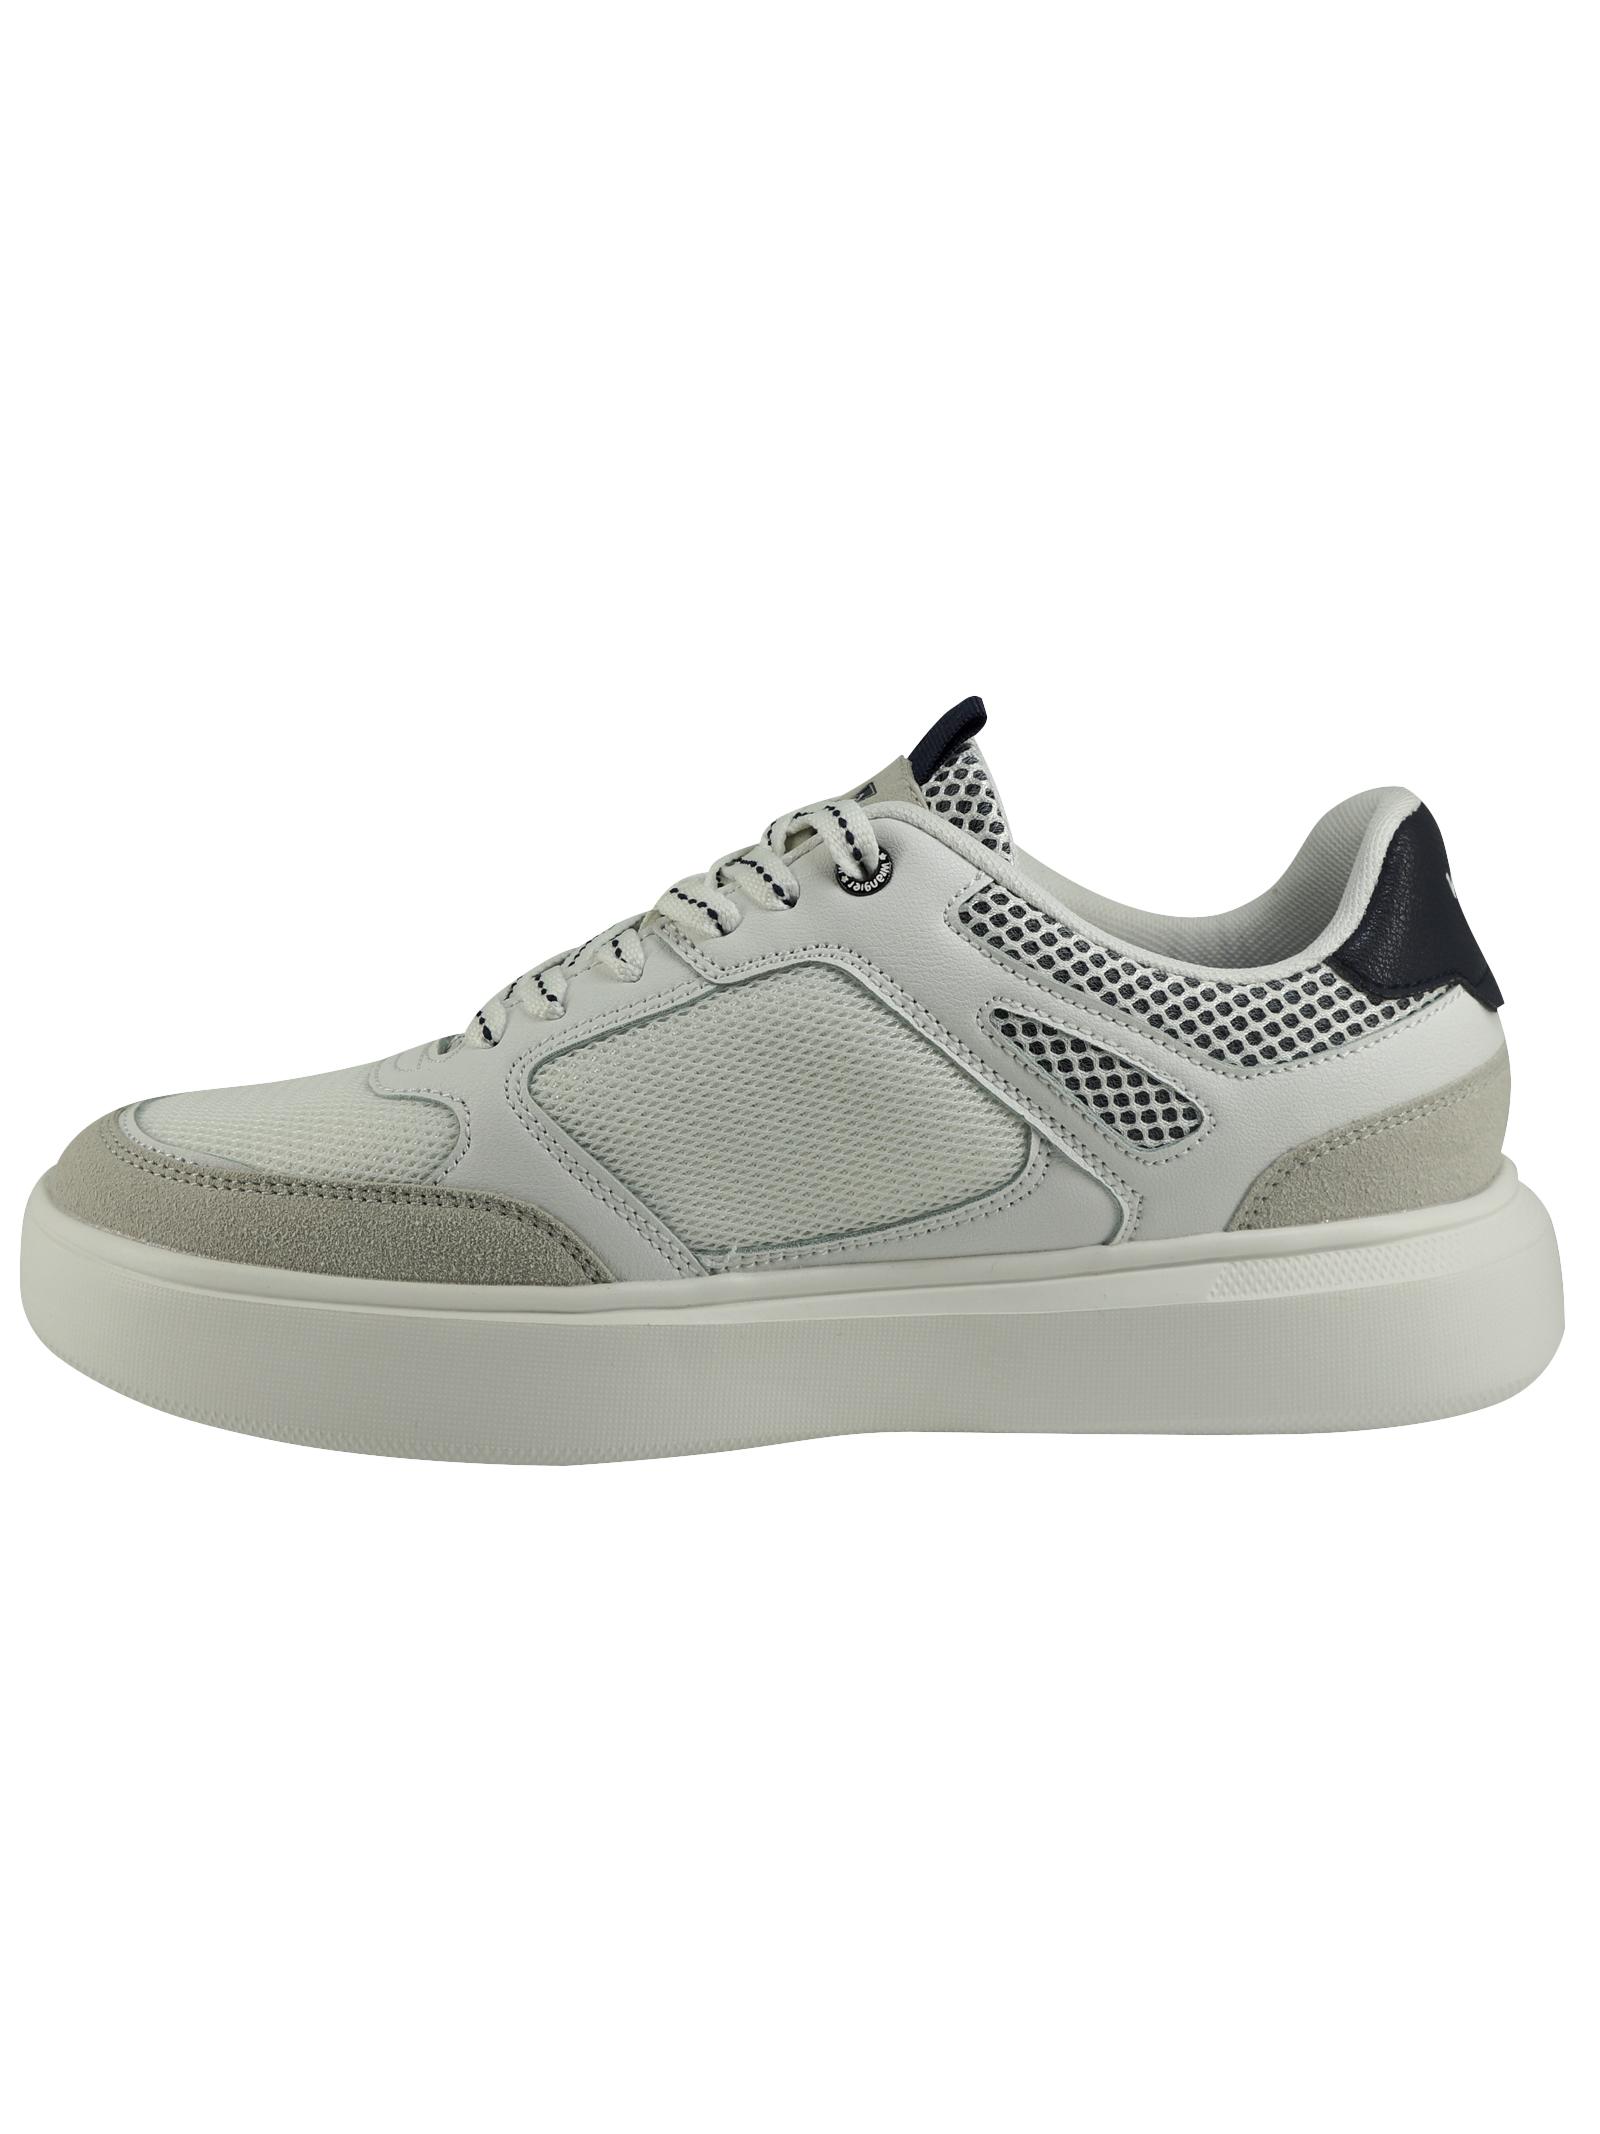 Sneakers Uomo Wrangler Wrangler | Sneakers | DAVISBASKETWHITE/NAVY